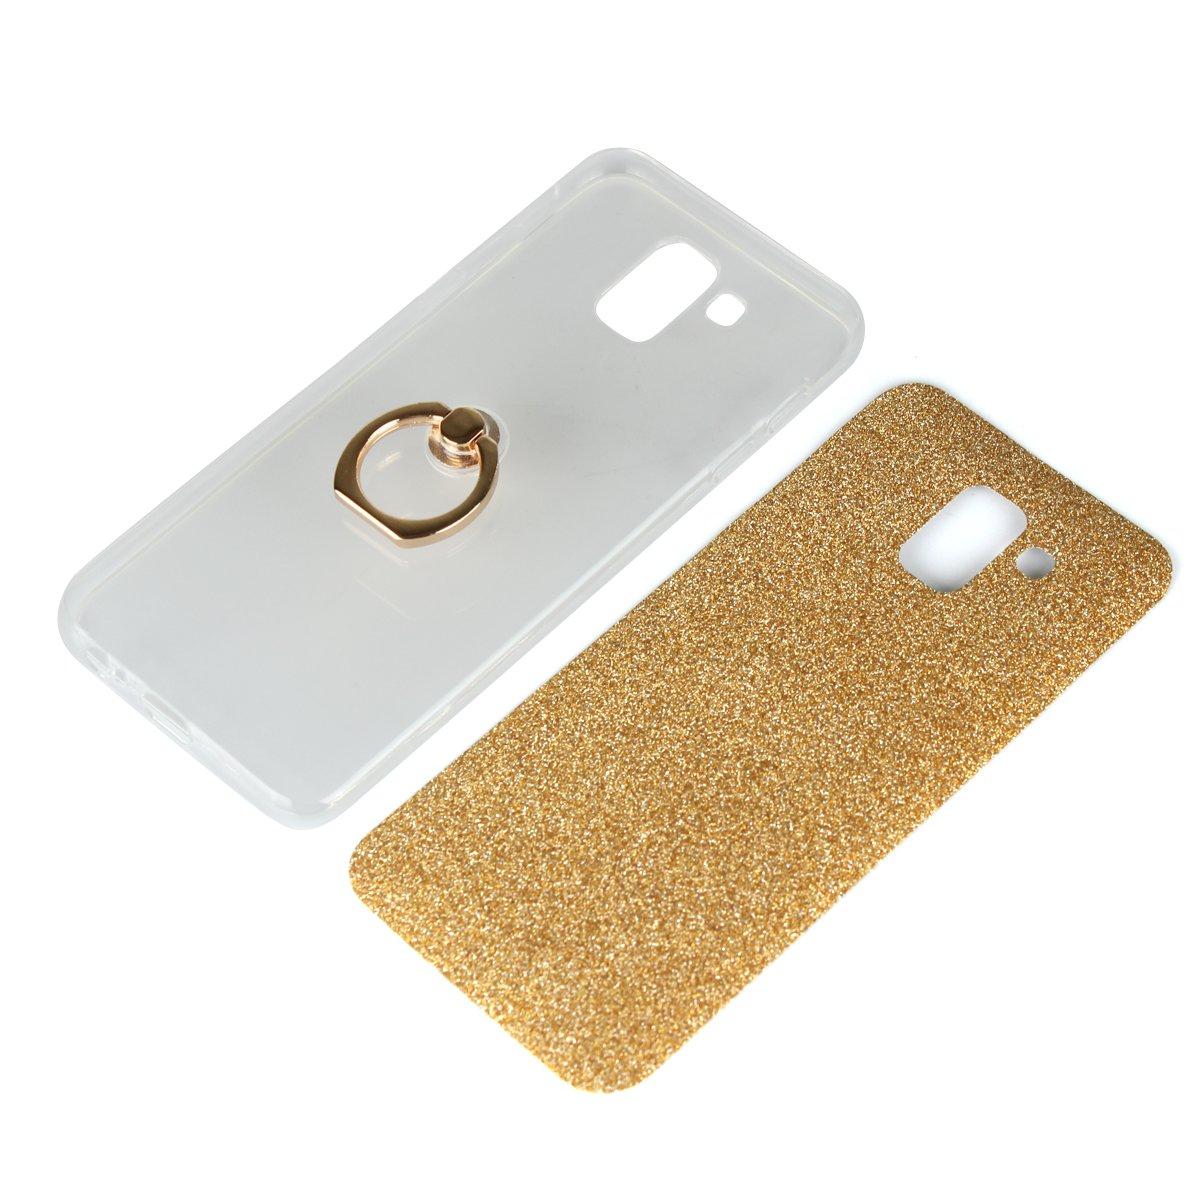 Bling Glitter Sparkle Ultra Slim Glatt Leichte Flexible Gel Bumper TPU Silikon Schutz H/ülle mit Ring Grip St/änder f/ür Xiaomi Redmi 5 Plus Funluna Xiaomi Redmi 5 Plus H/ülle